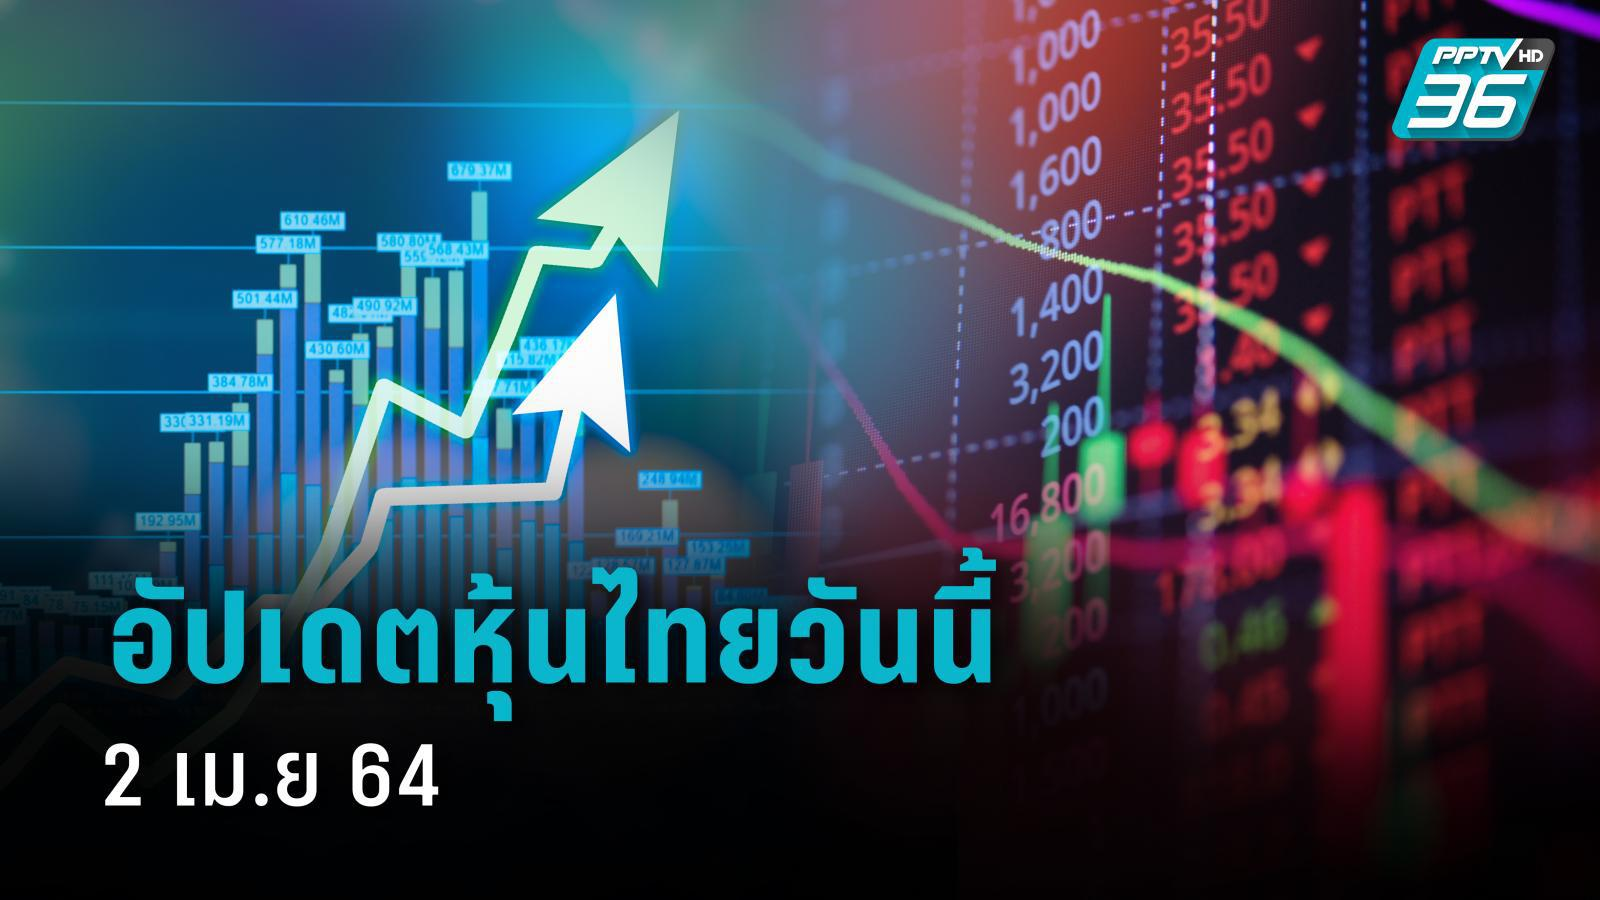 หุ้นไทย (2 เม.ย.64) ปิดวันนี้ที่ระดับ 1,596.27 จุด เพิ่มขึ้น 1.15 จุด